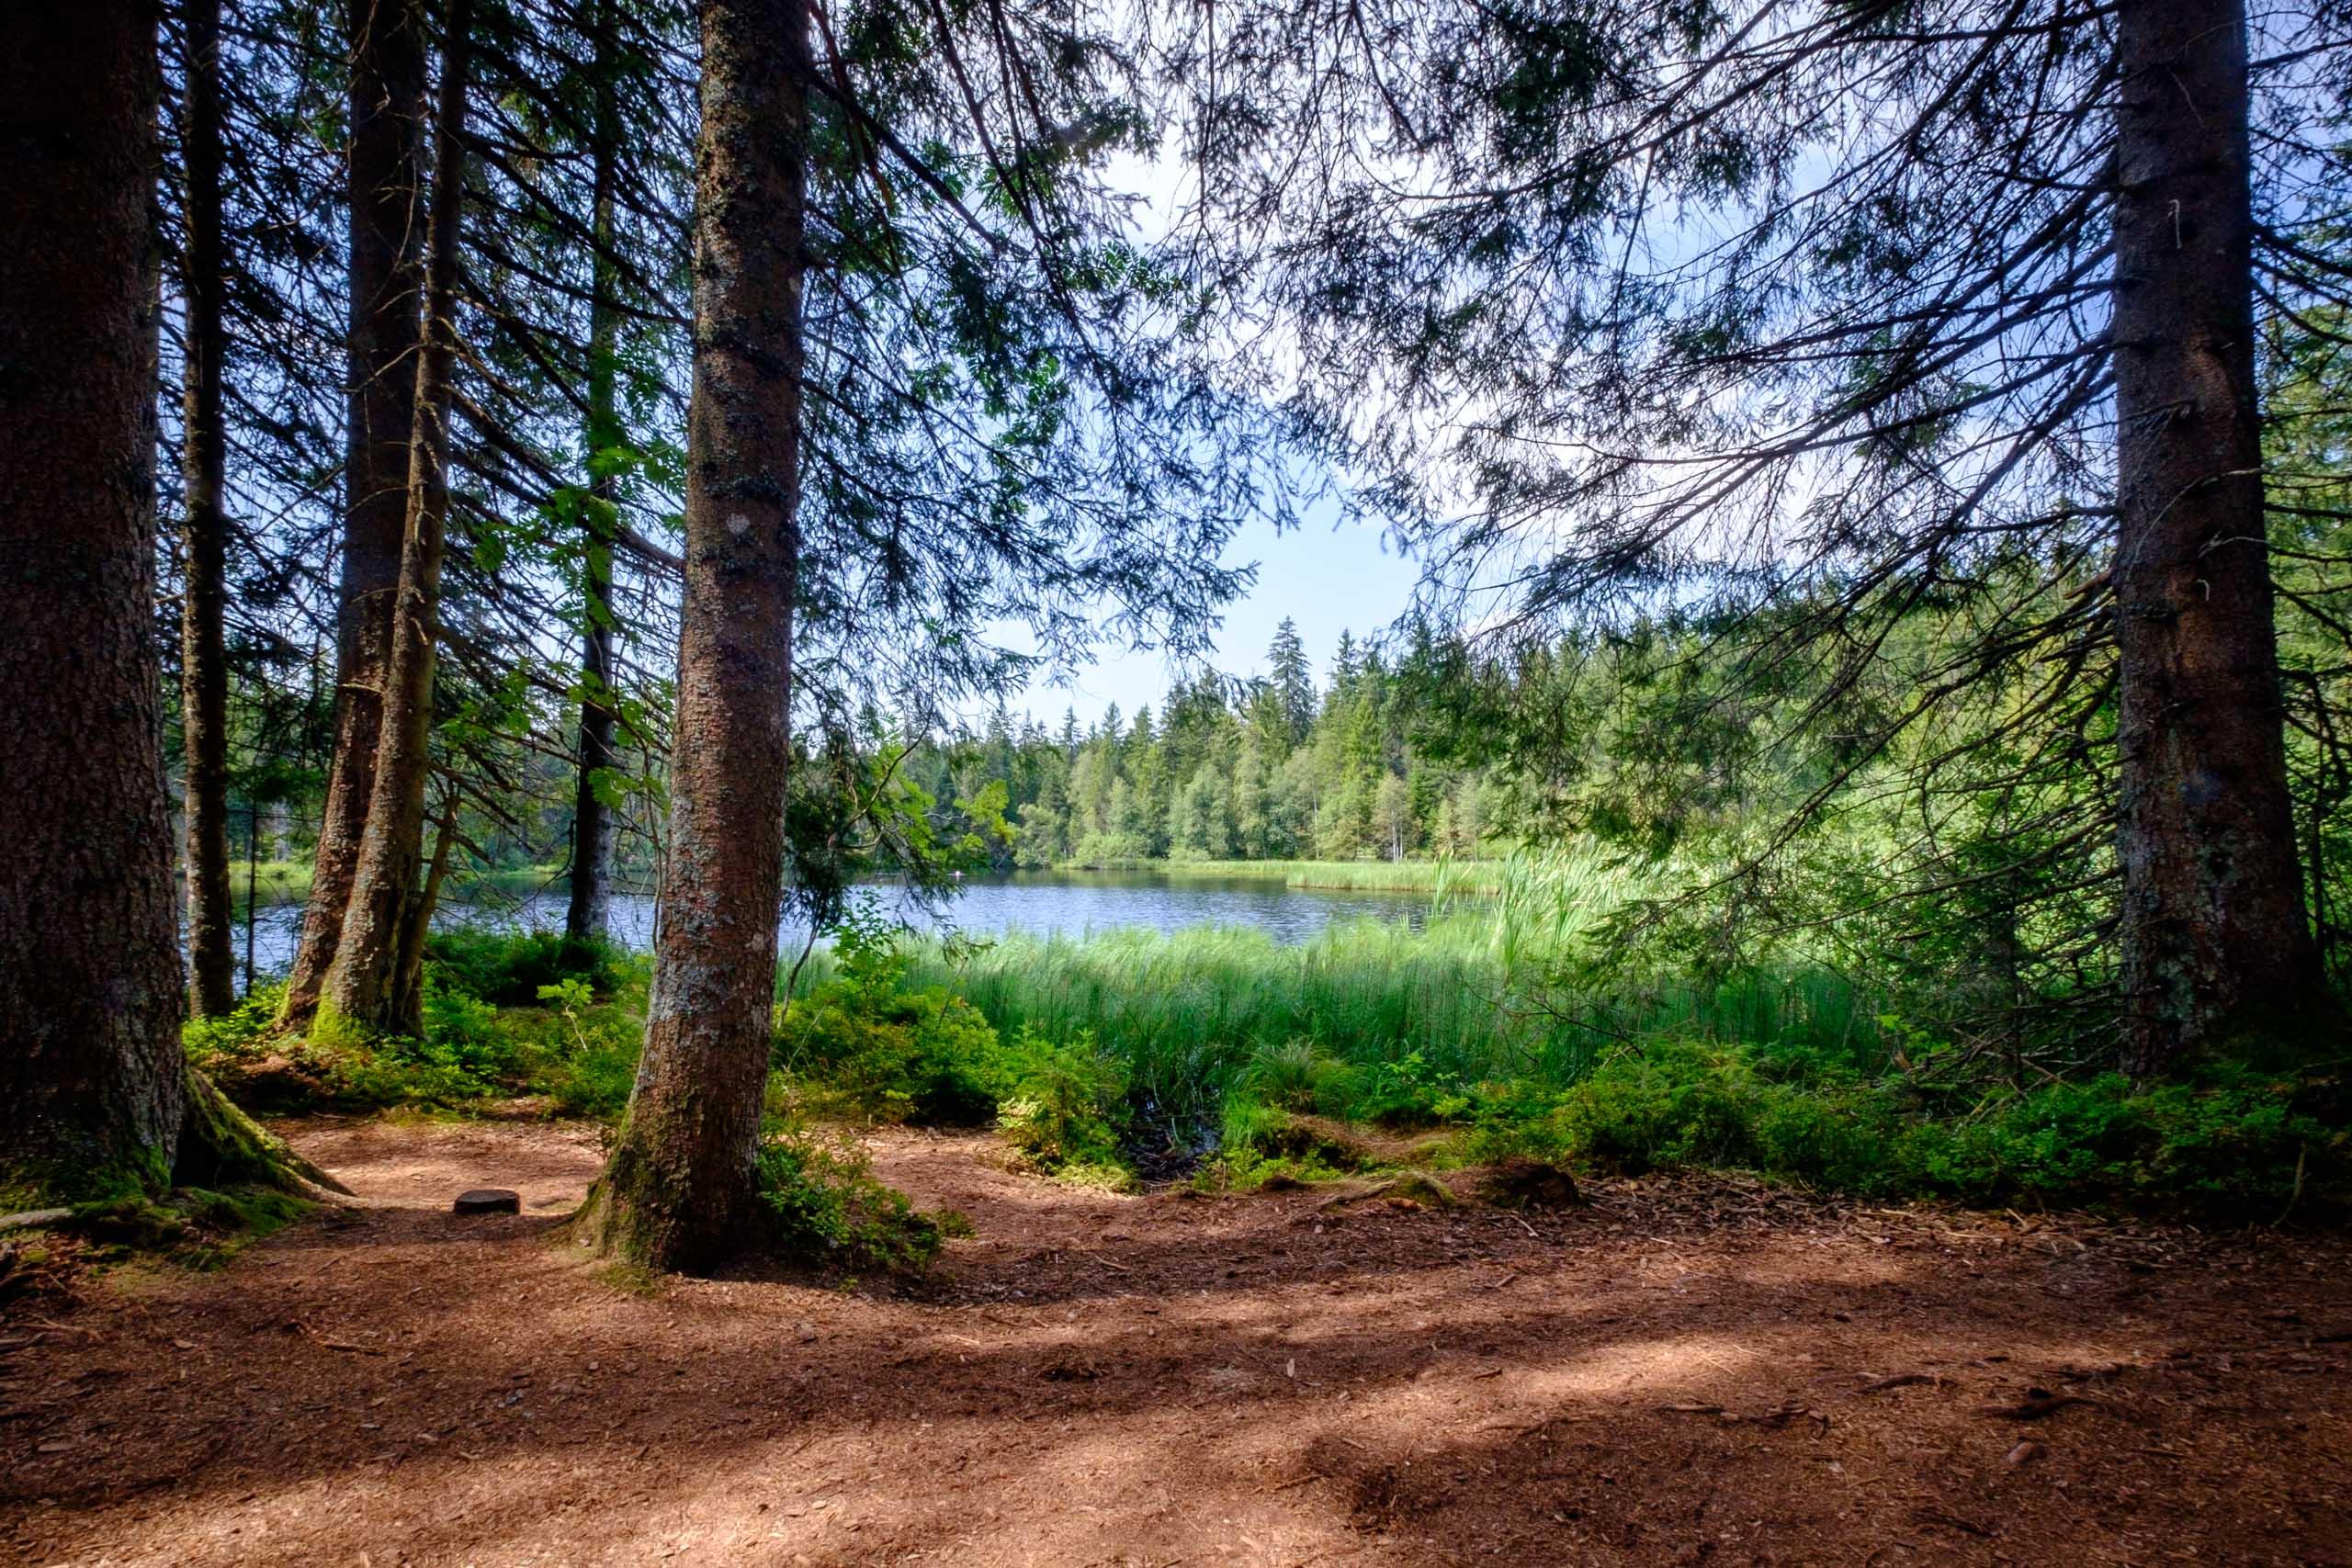 Forest and lake shore at Étang de la Gruère